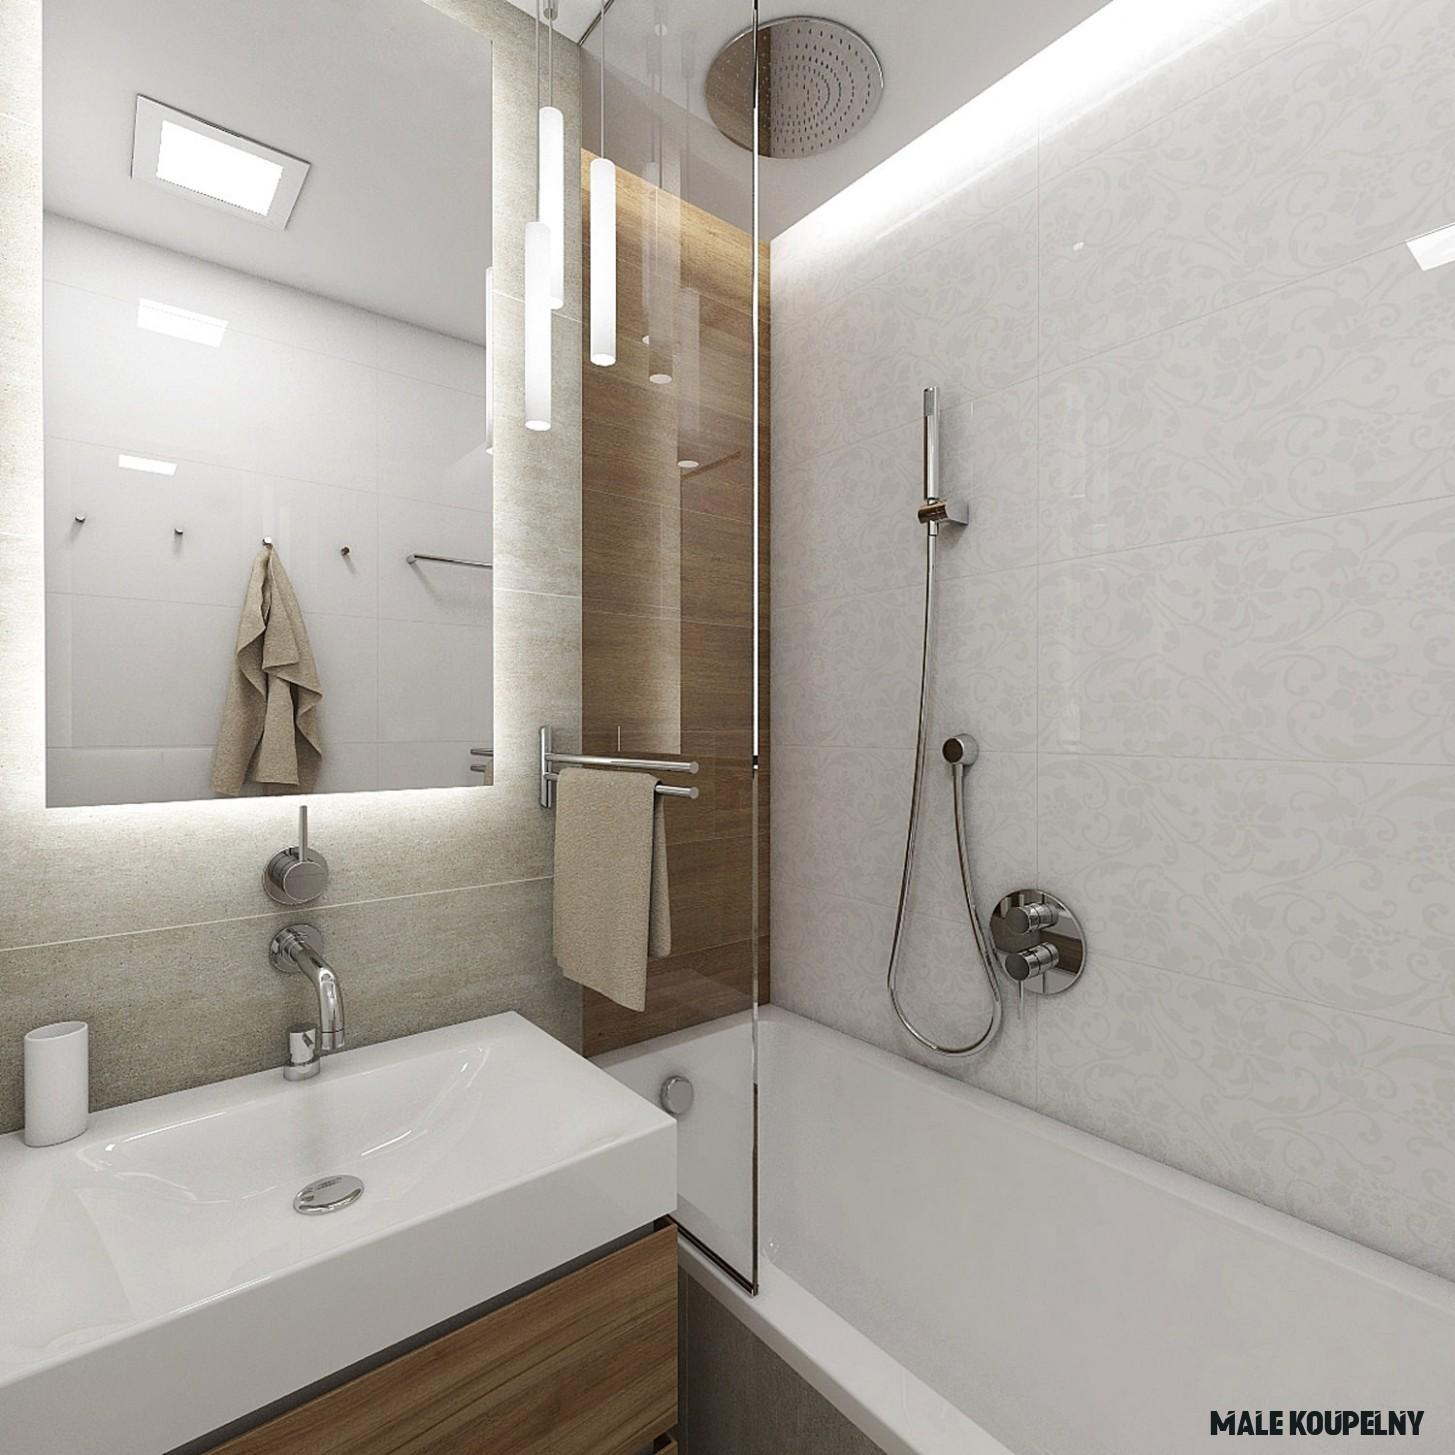 Proměna malé koupelny 20x jinak! - Proženy